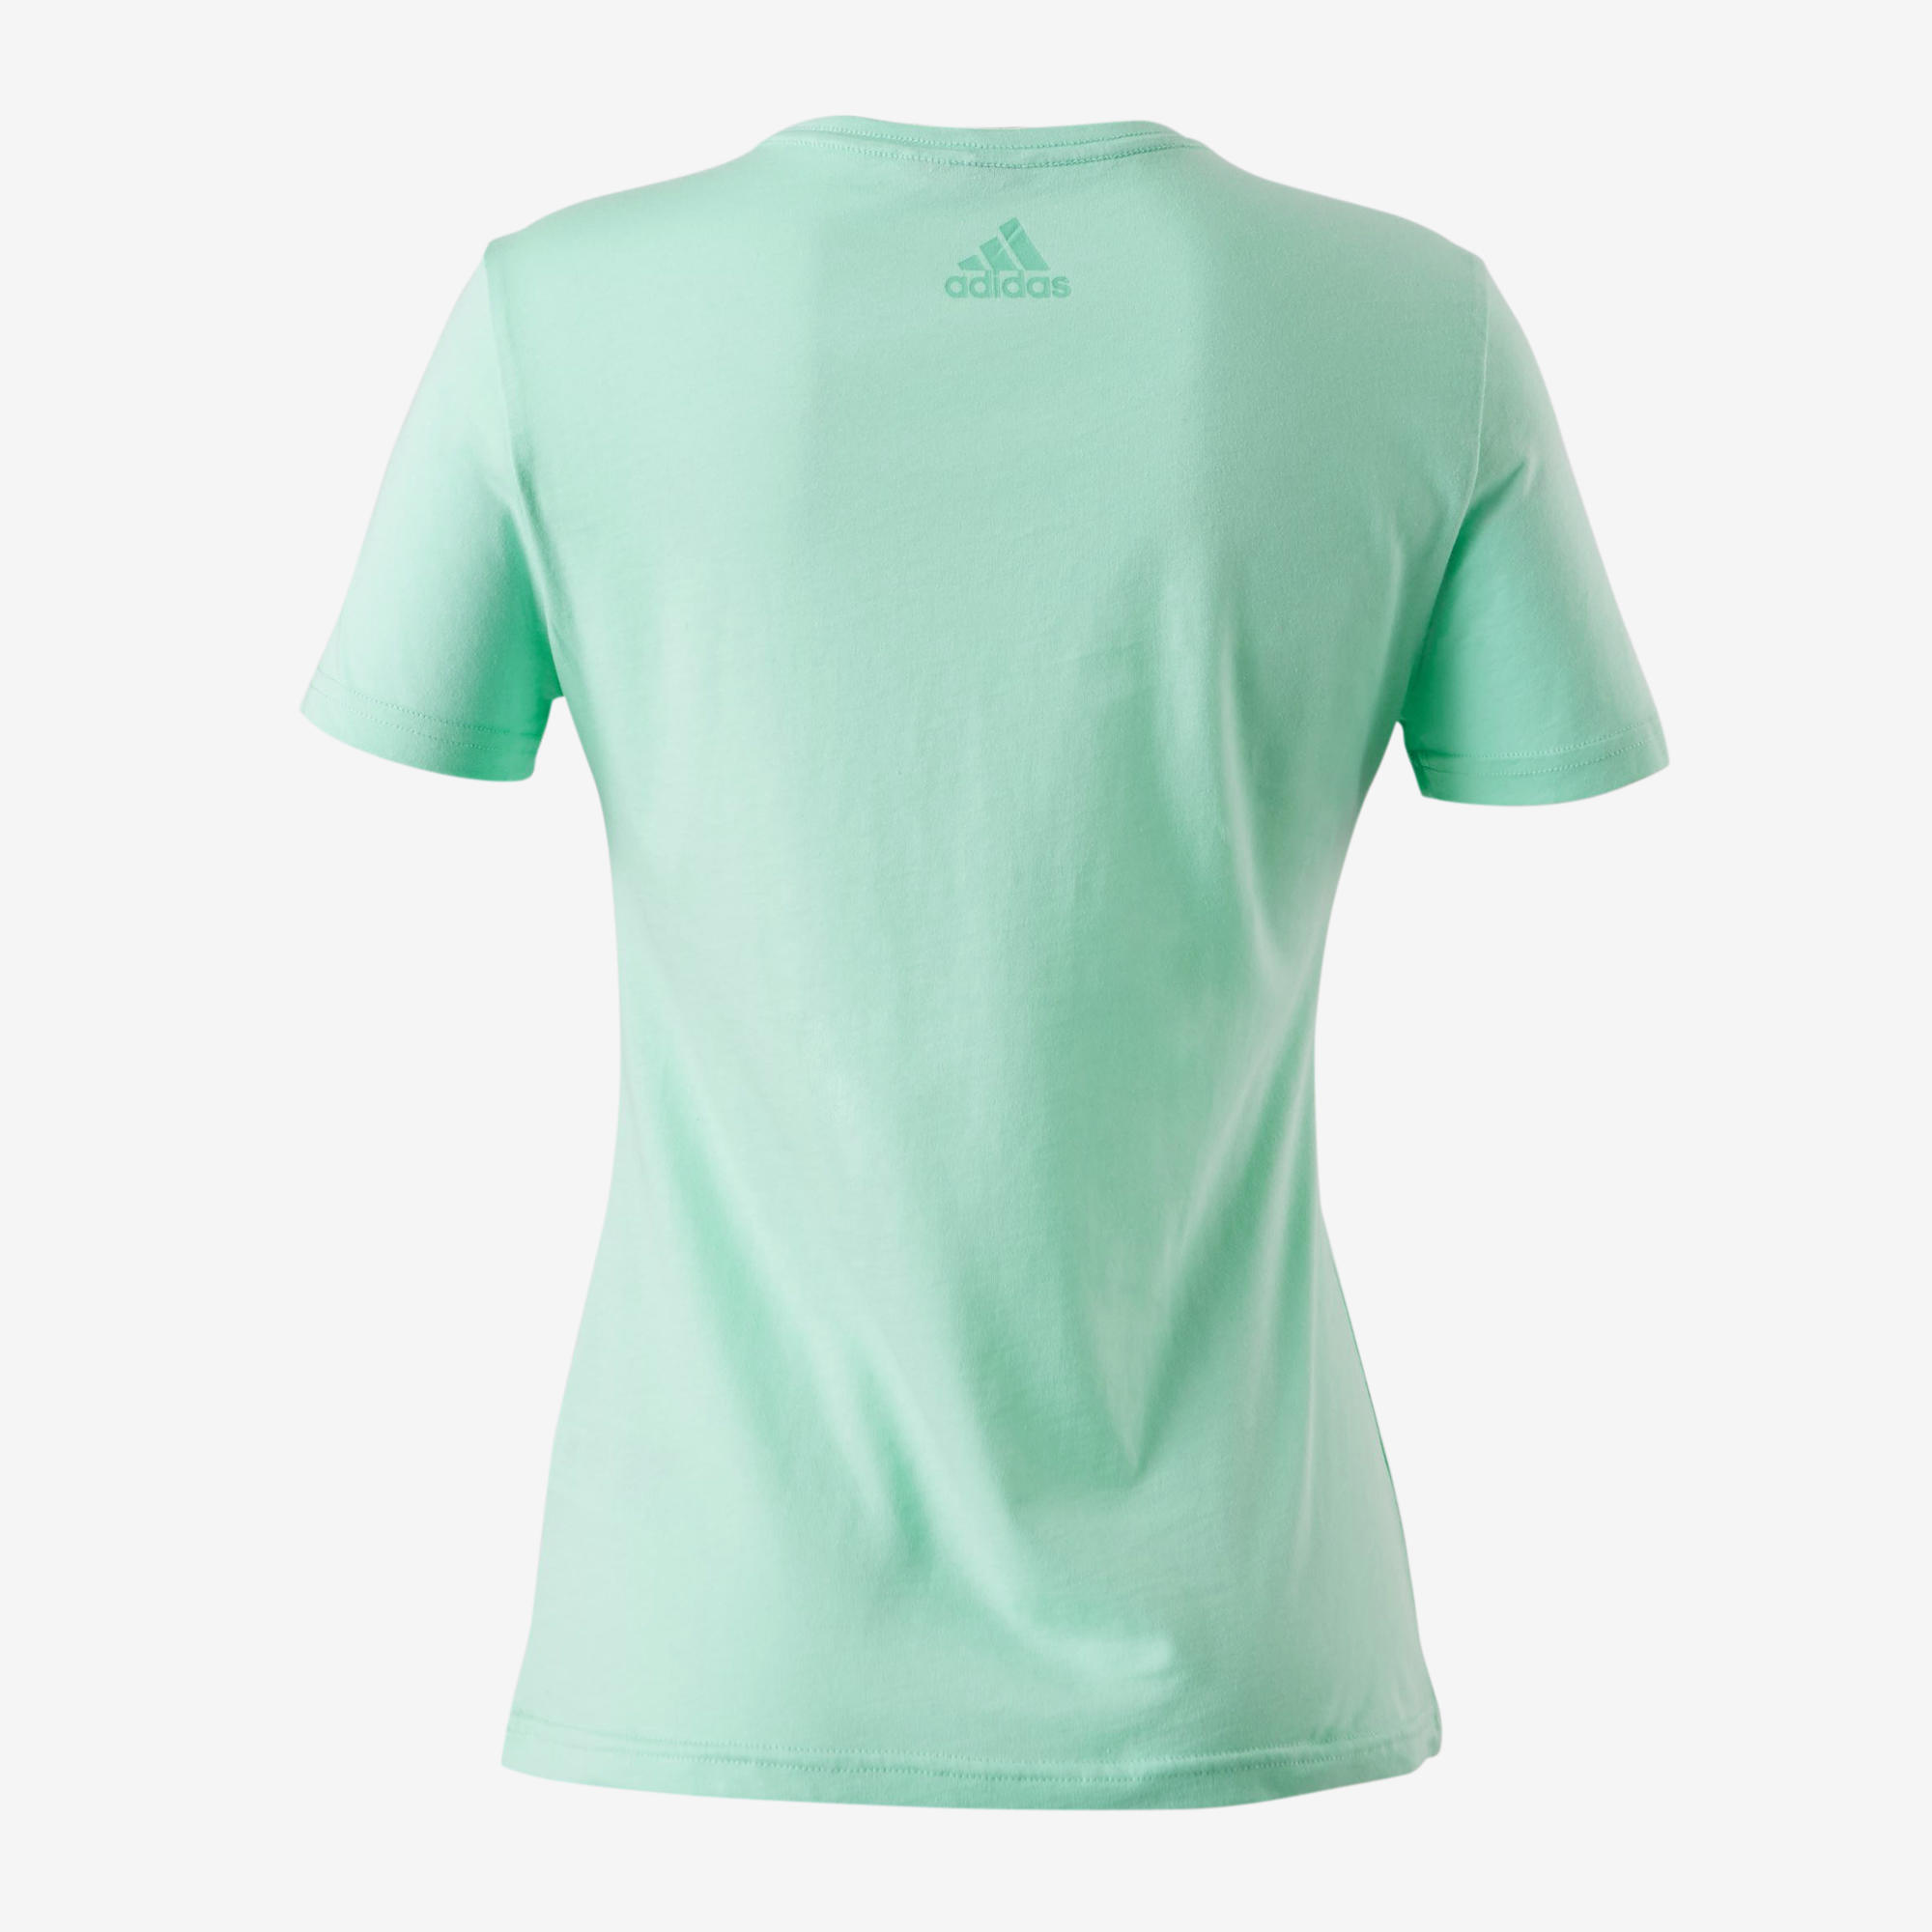 tee-shirt adidas femme vert